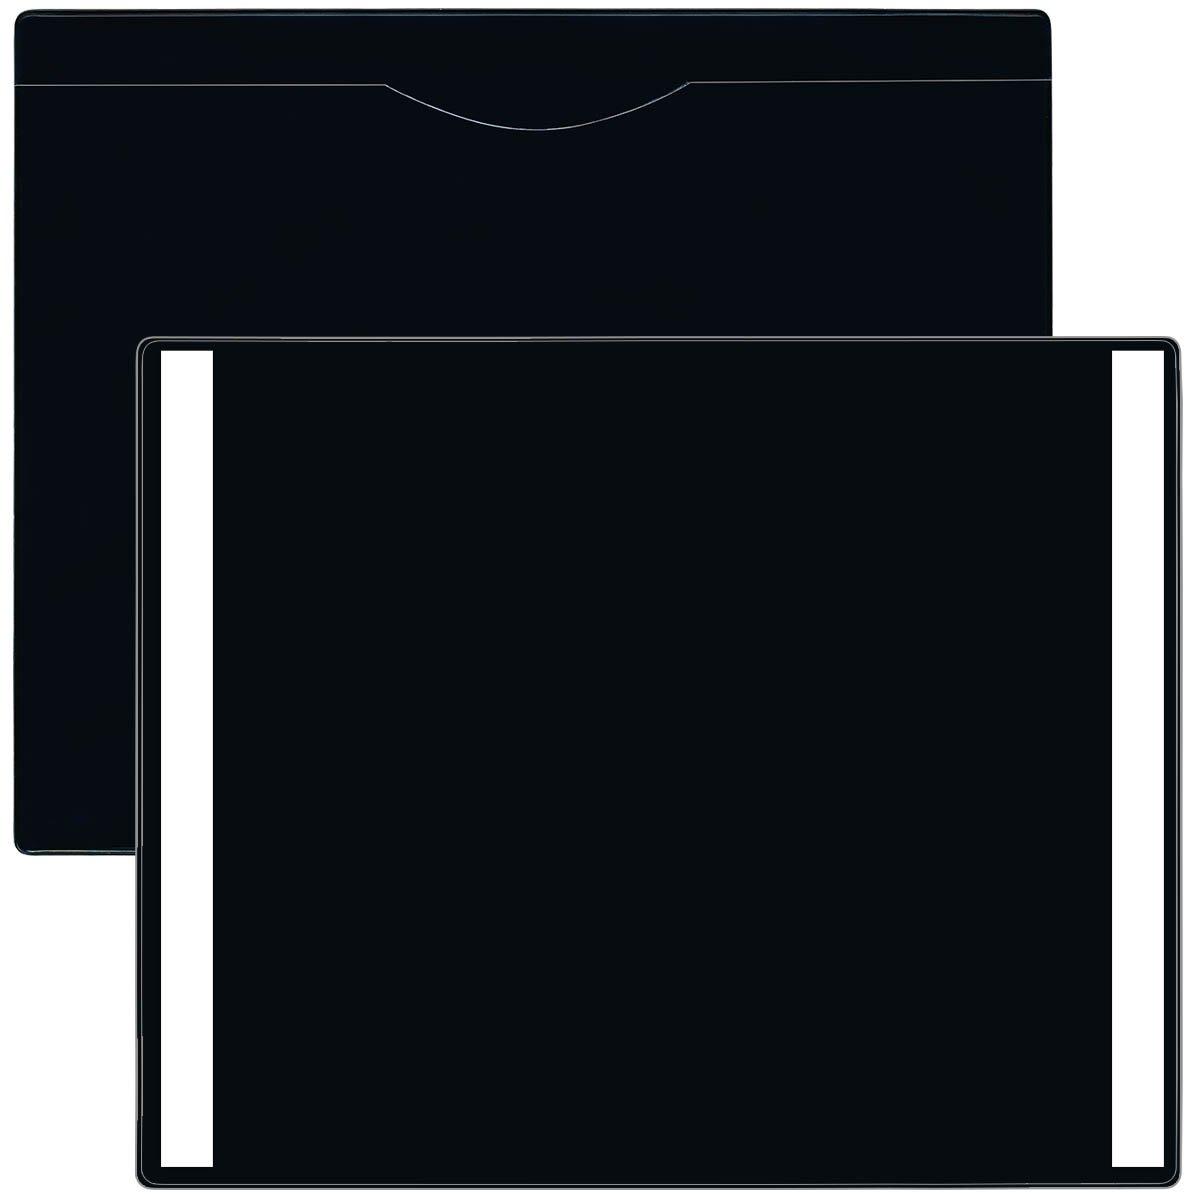 StoreSMART - Black File Jacket with Peel & Stick Reusable Back - 5-Pack - Plastic - Heavy Duty - FJ85PQBKPSR-5